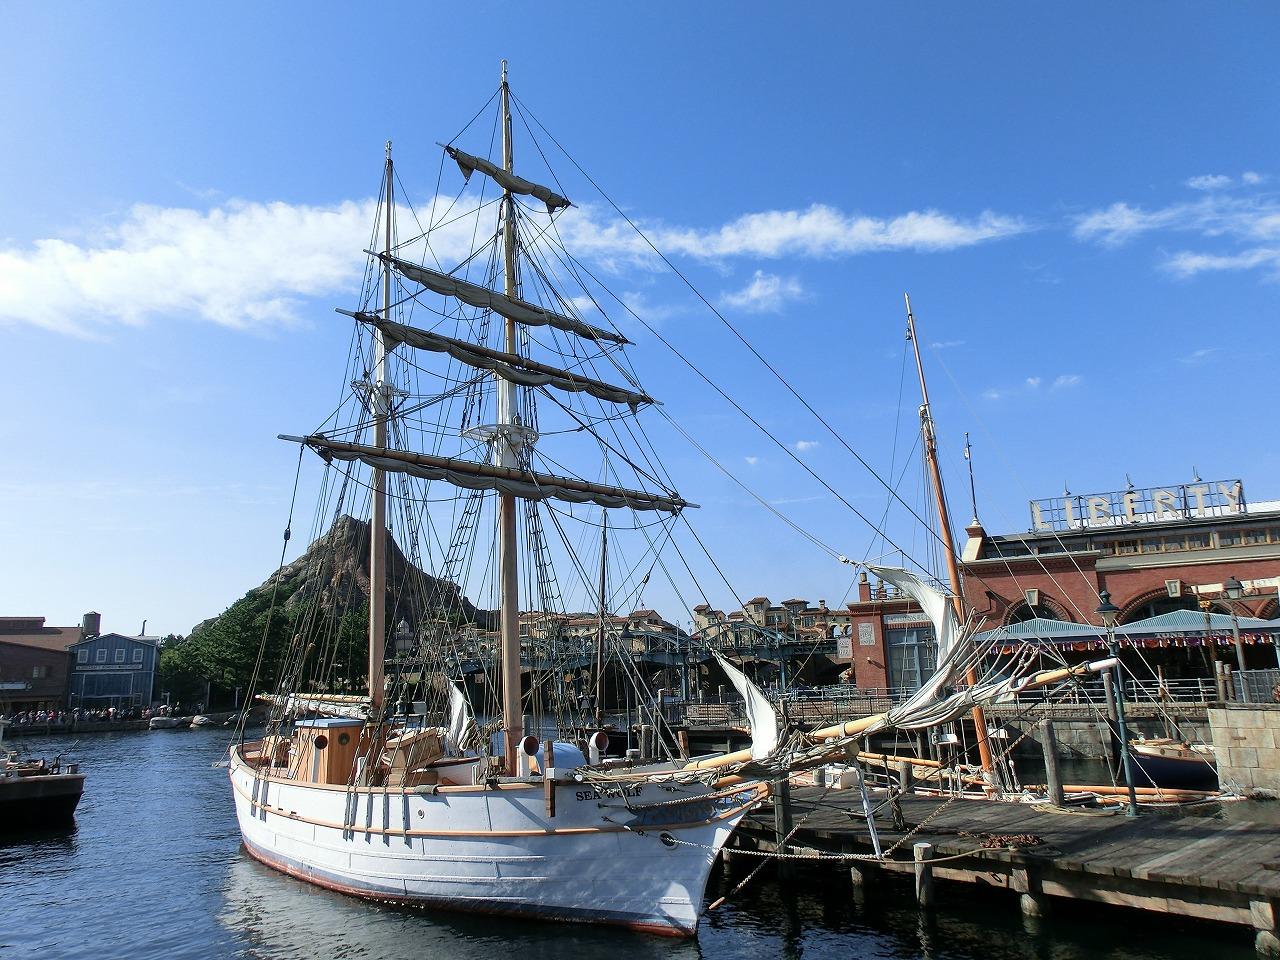 東京ディズニーシーの帆船たち』 第1回:ルネサンス号 〜その1 ...